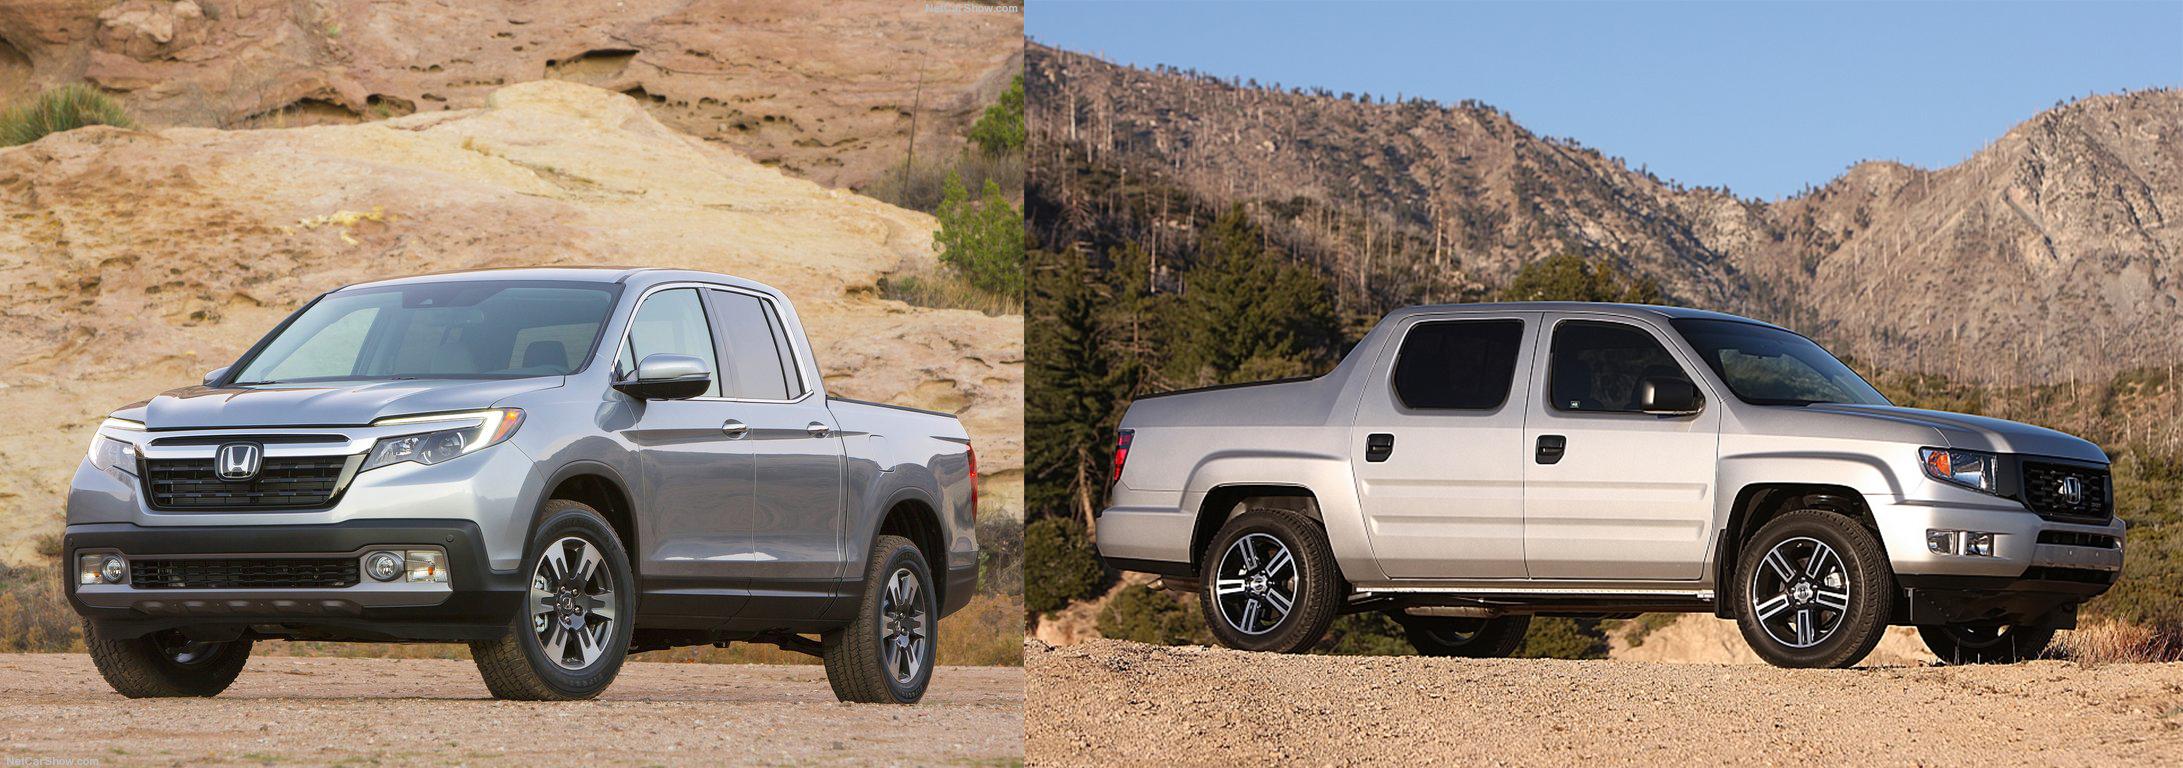 Chevy colorado 2015 compare 2014 ridgeline autos post for Honda ridgeline vs chevy colorado